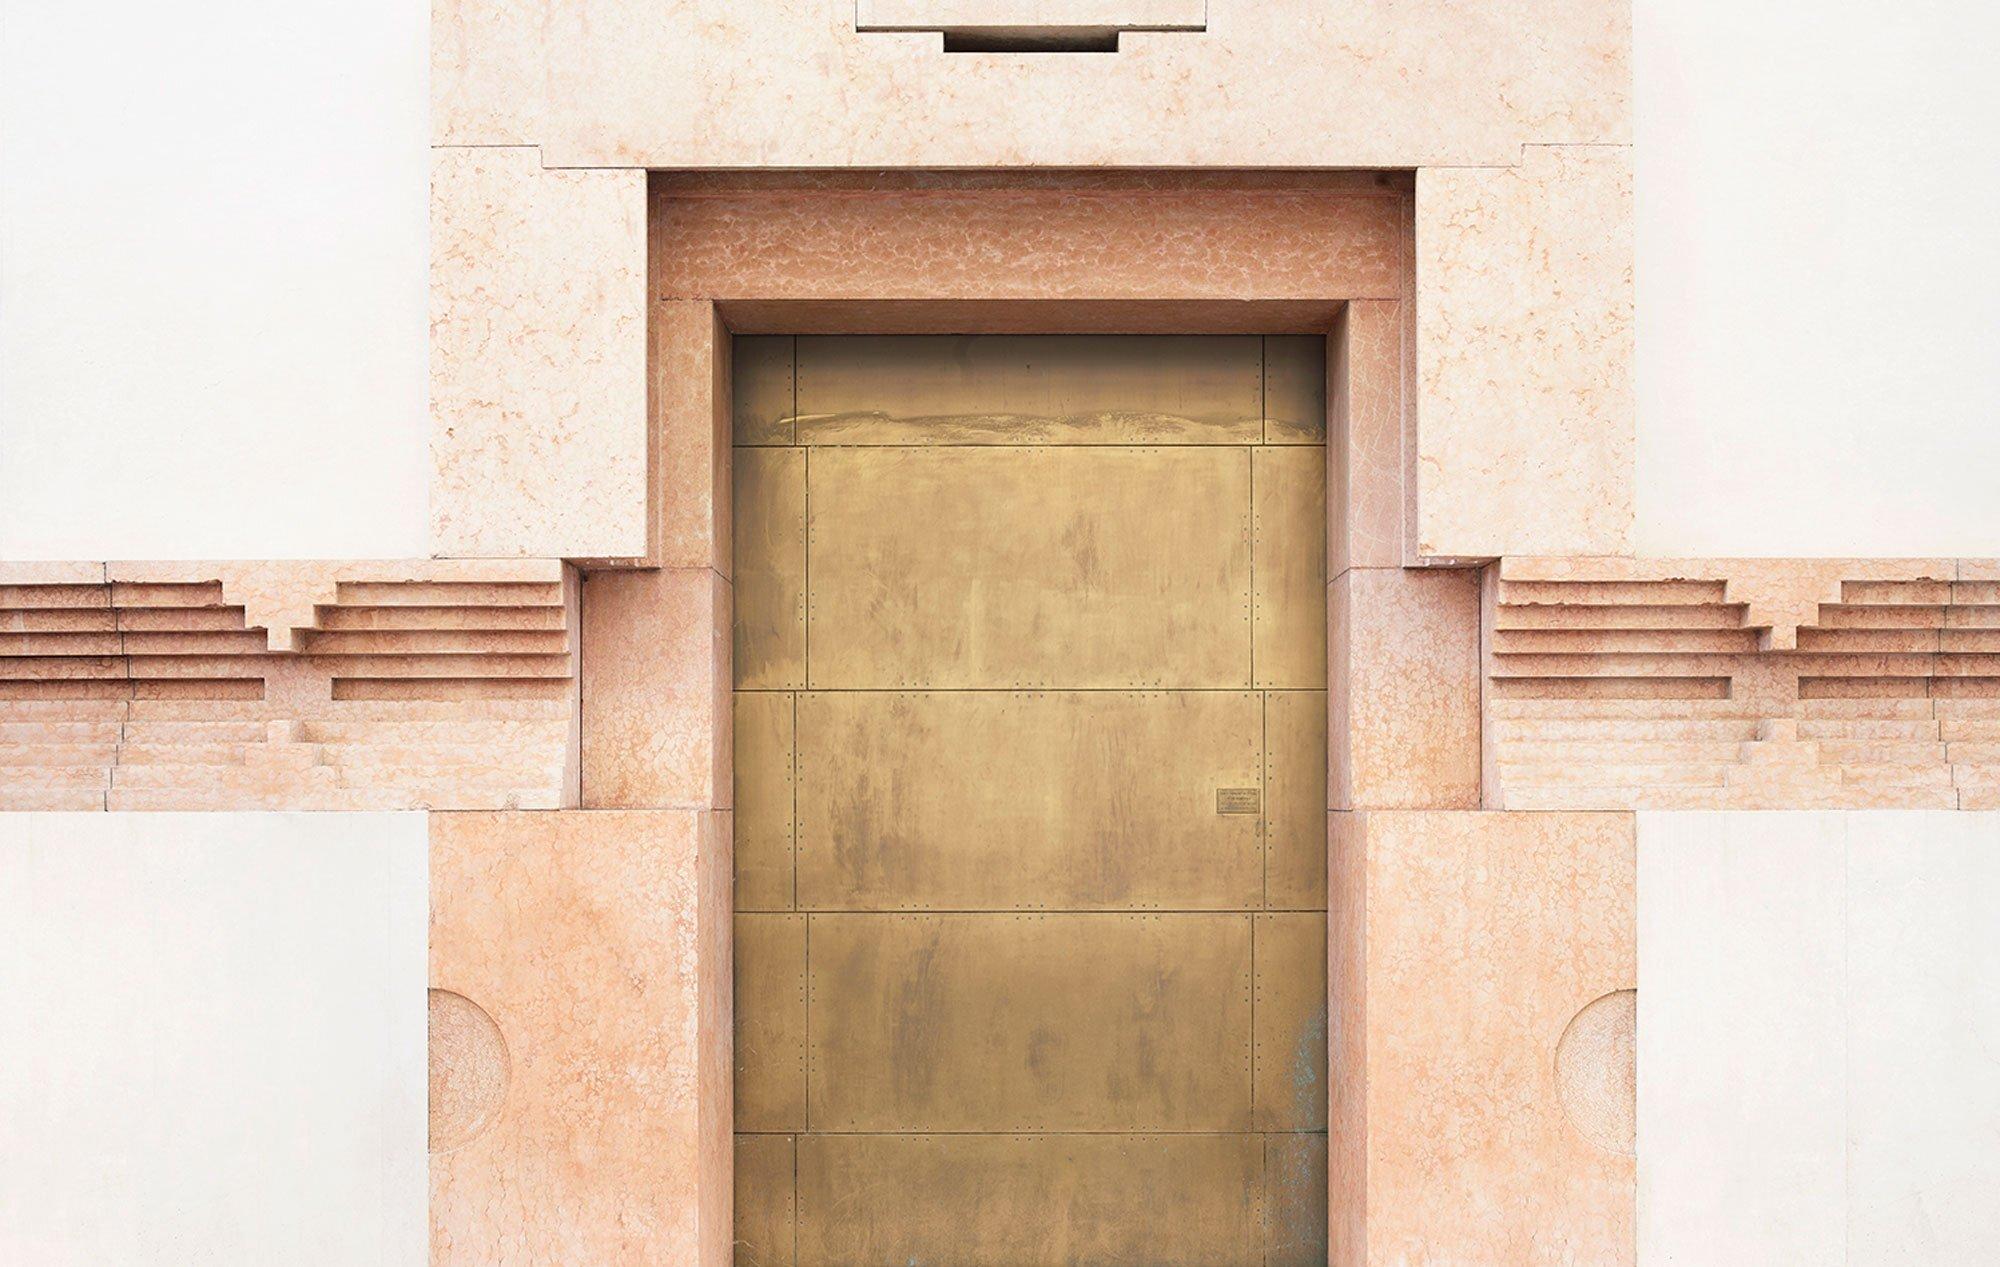 Banca Popolare by Derek Swalwell